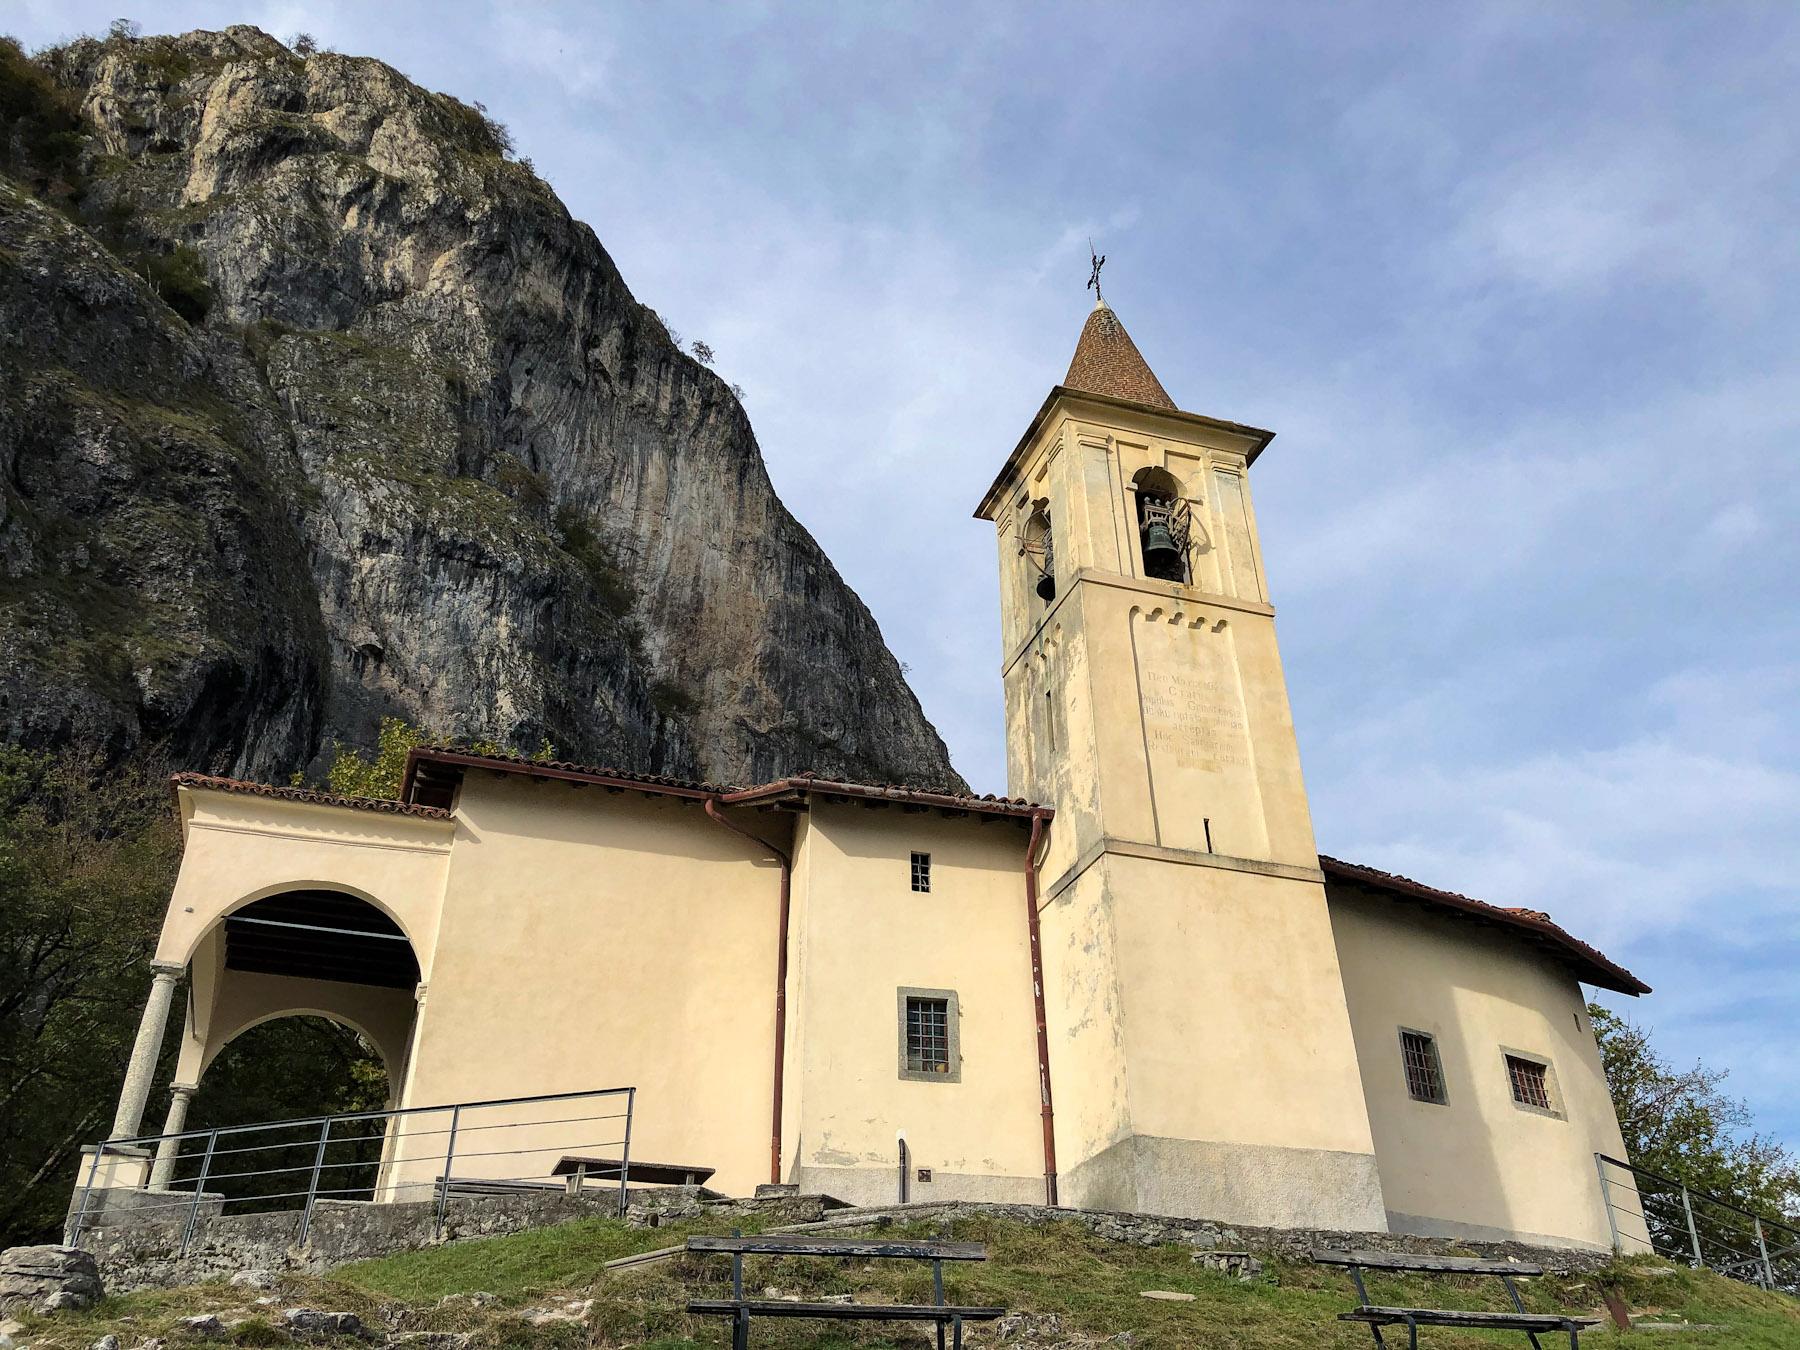 Chiesa di San Martino, Griante, Italy